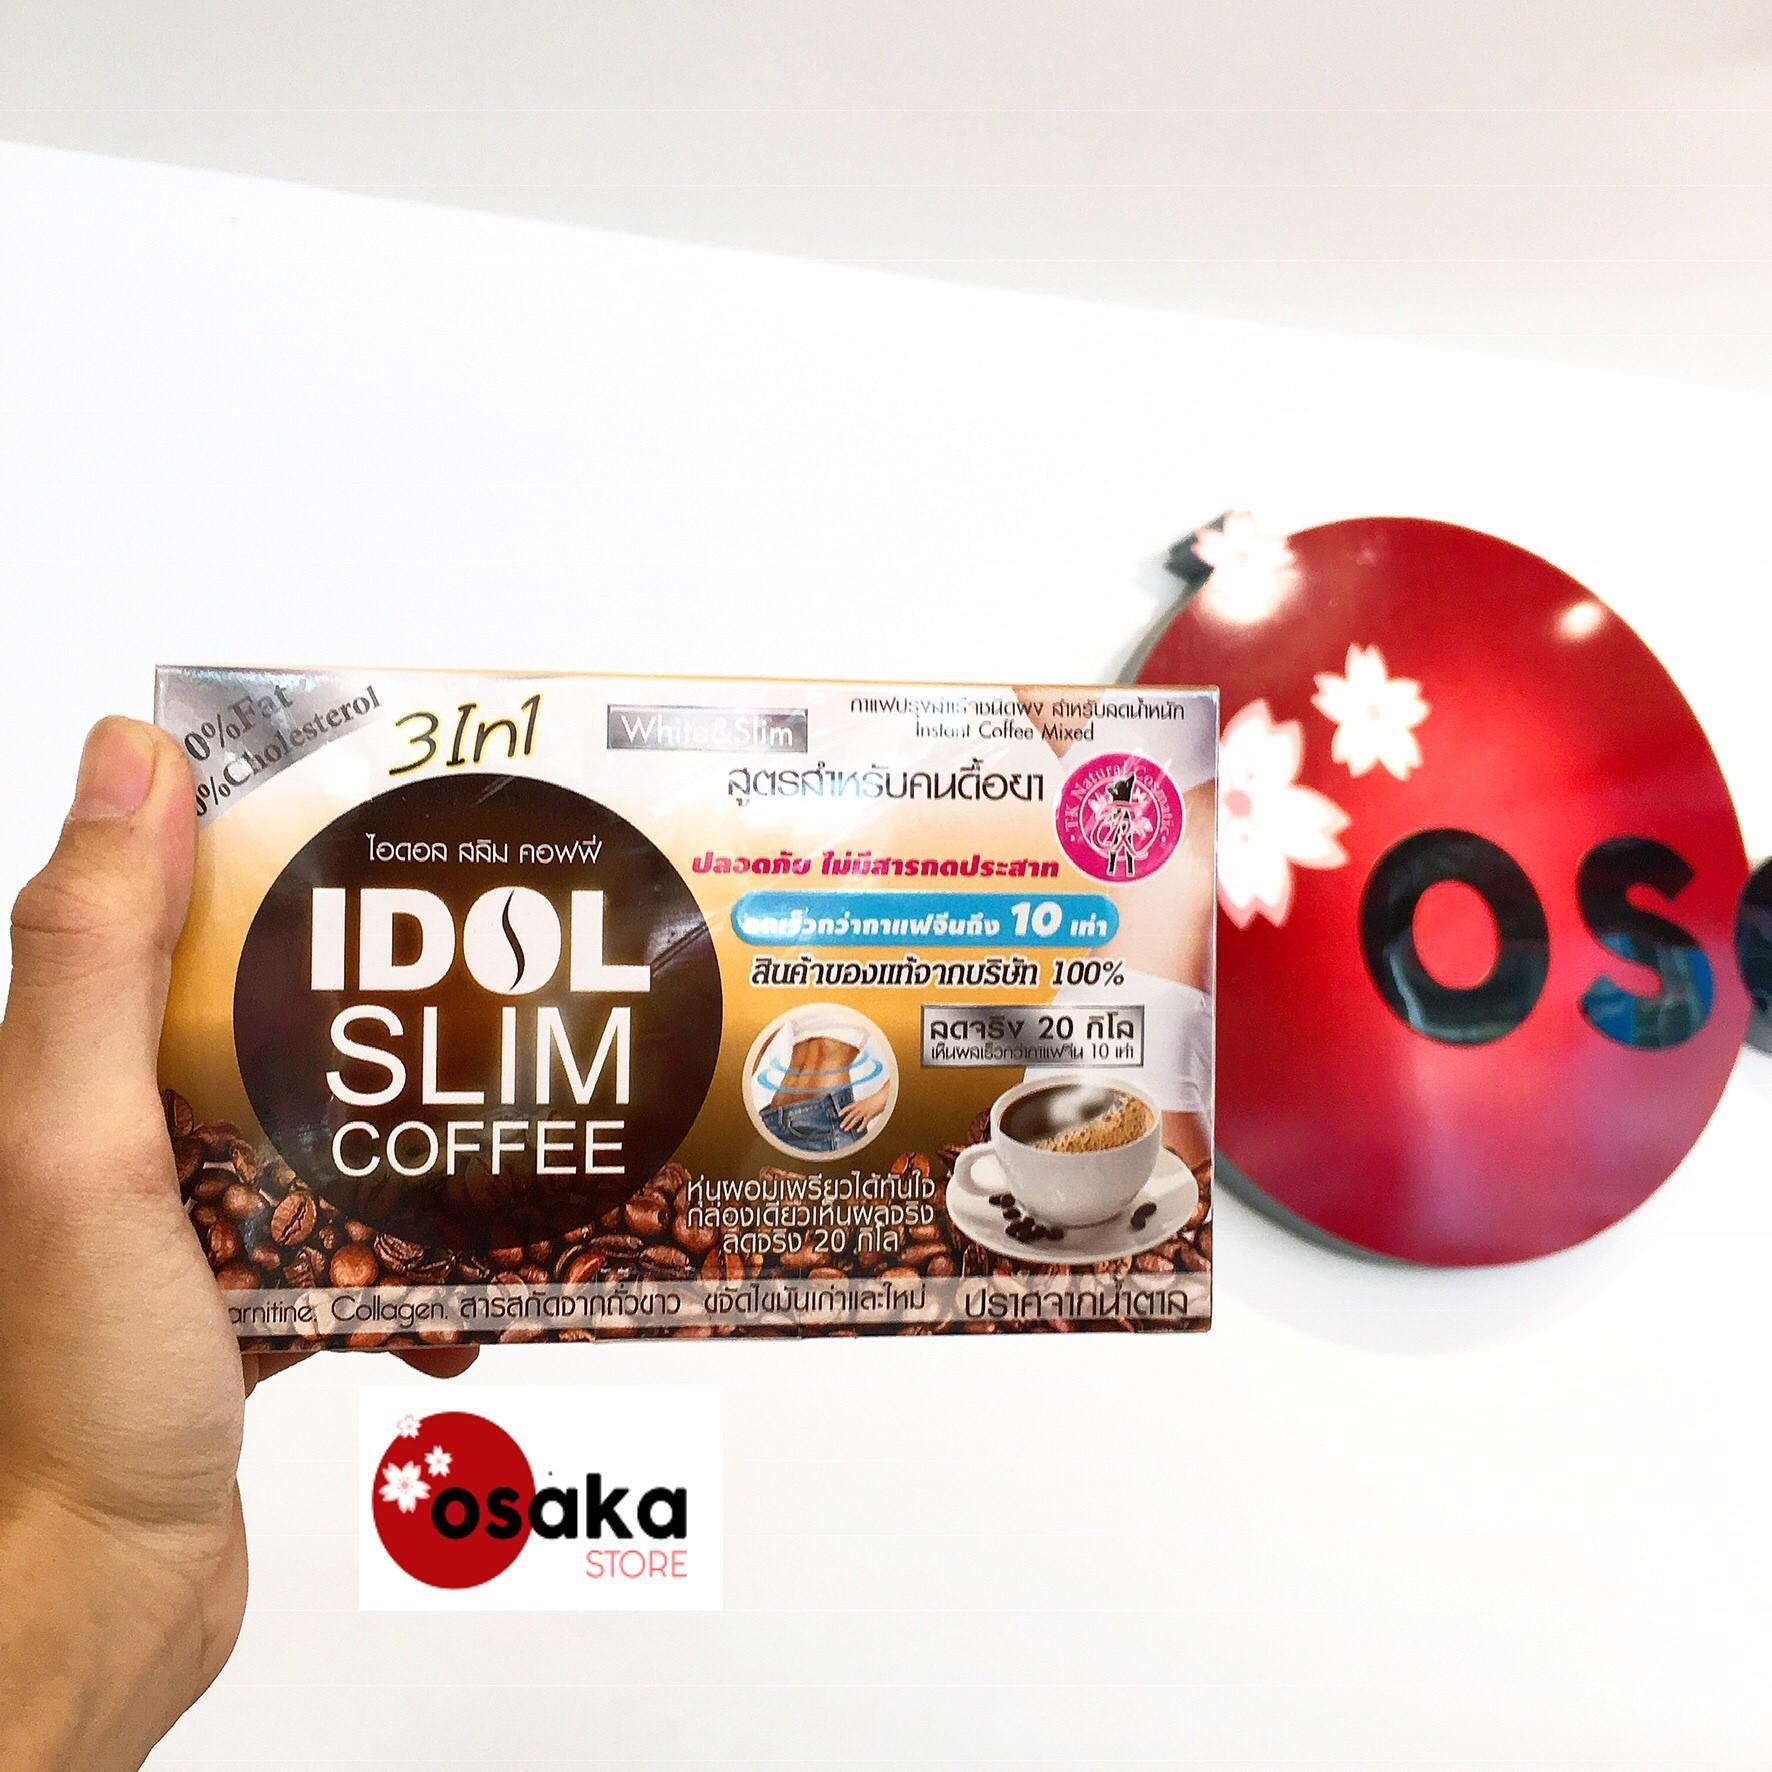 [ MẪU MỚI 2019 ] Cafe giảm cân Idol Slim Coffee 15g x 10 gói - Thái Lan CPG02 chính hãng